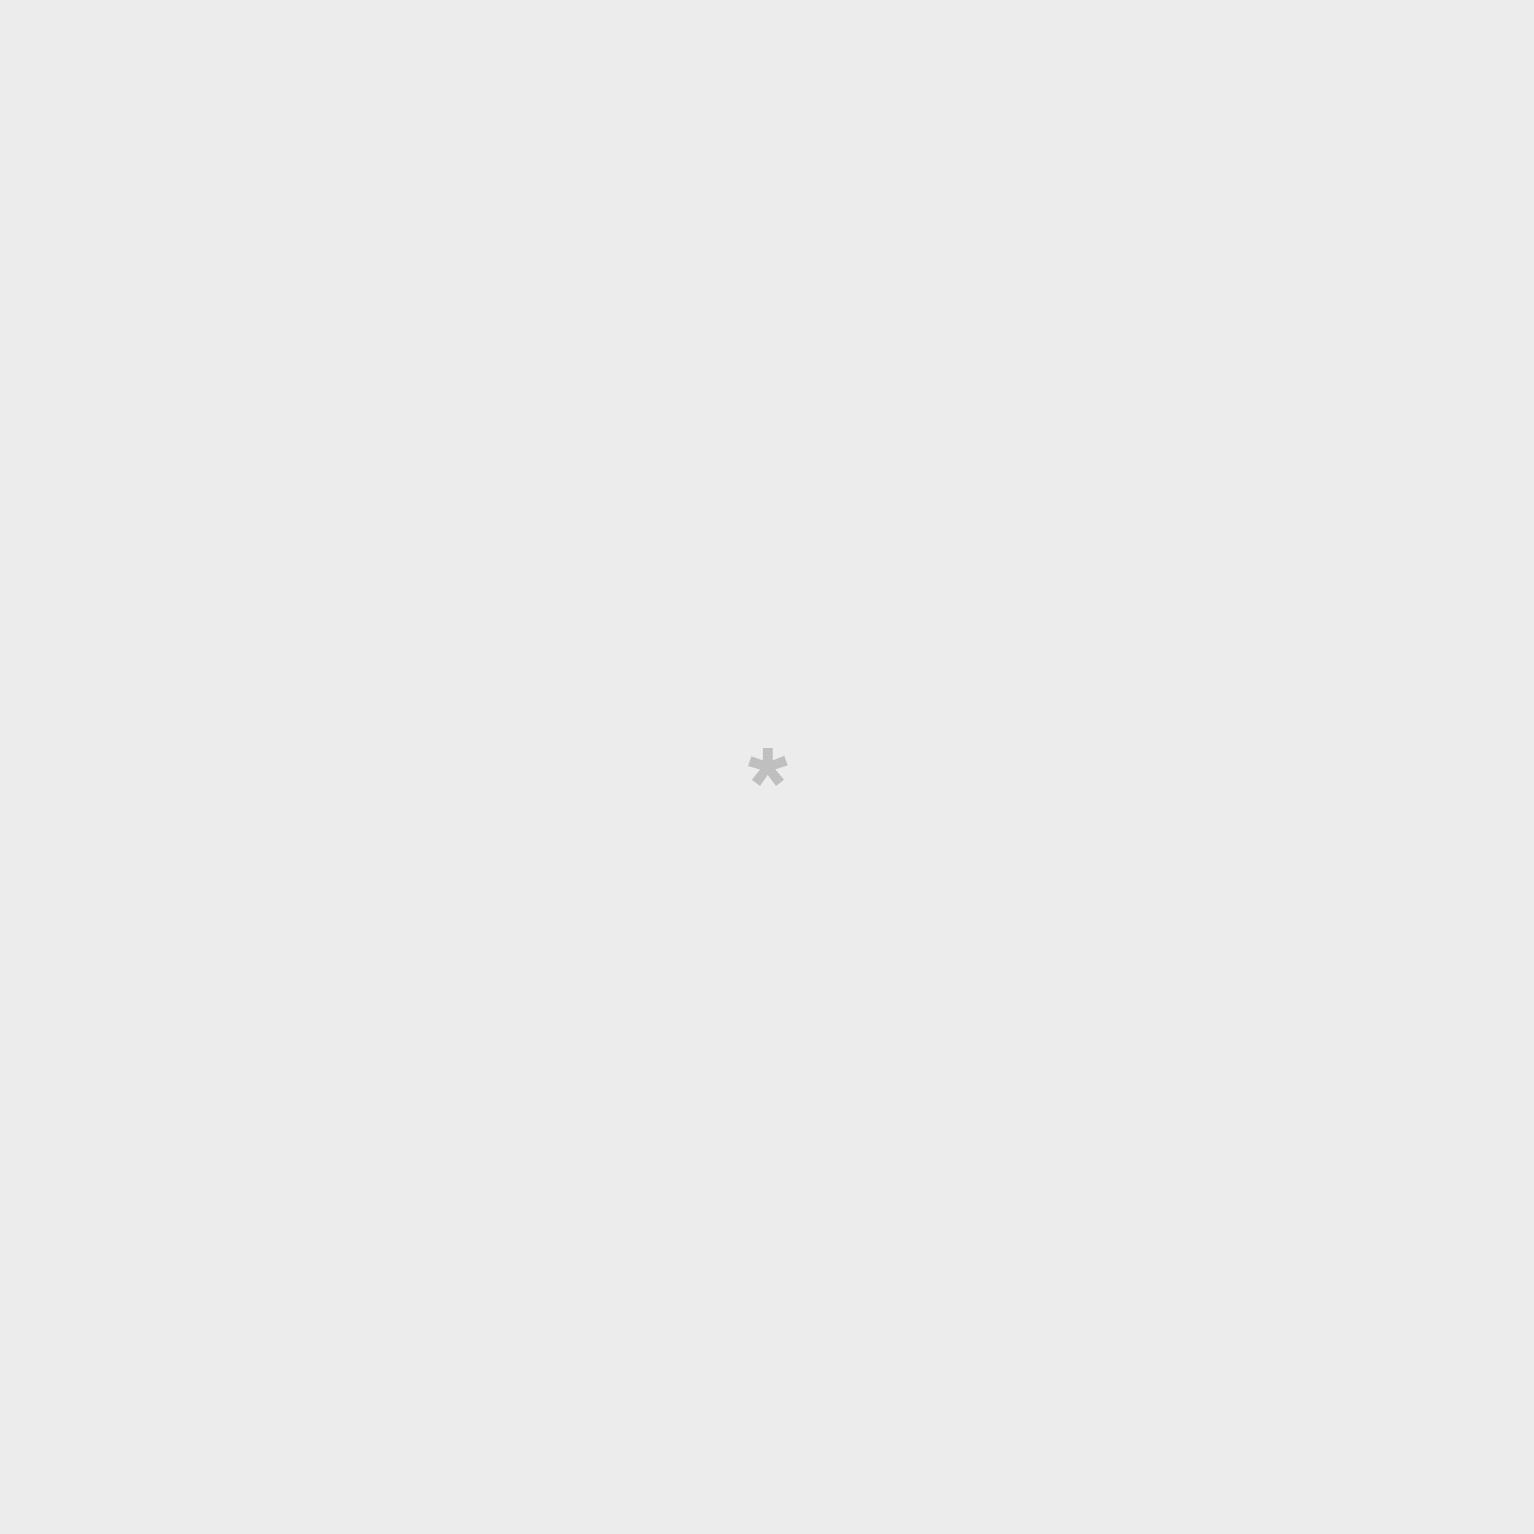 Extras para personalizar tu mochila y accesorios - Here I go!